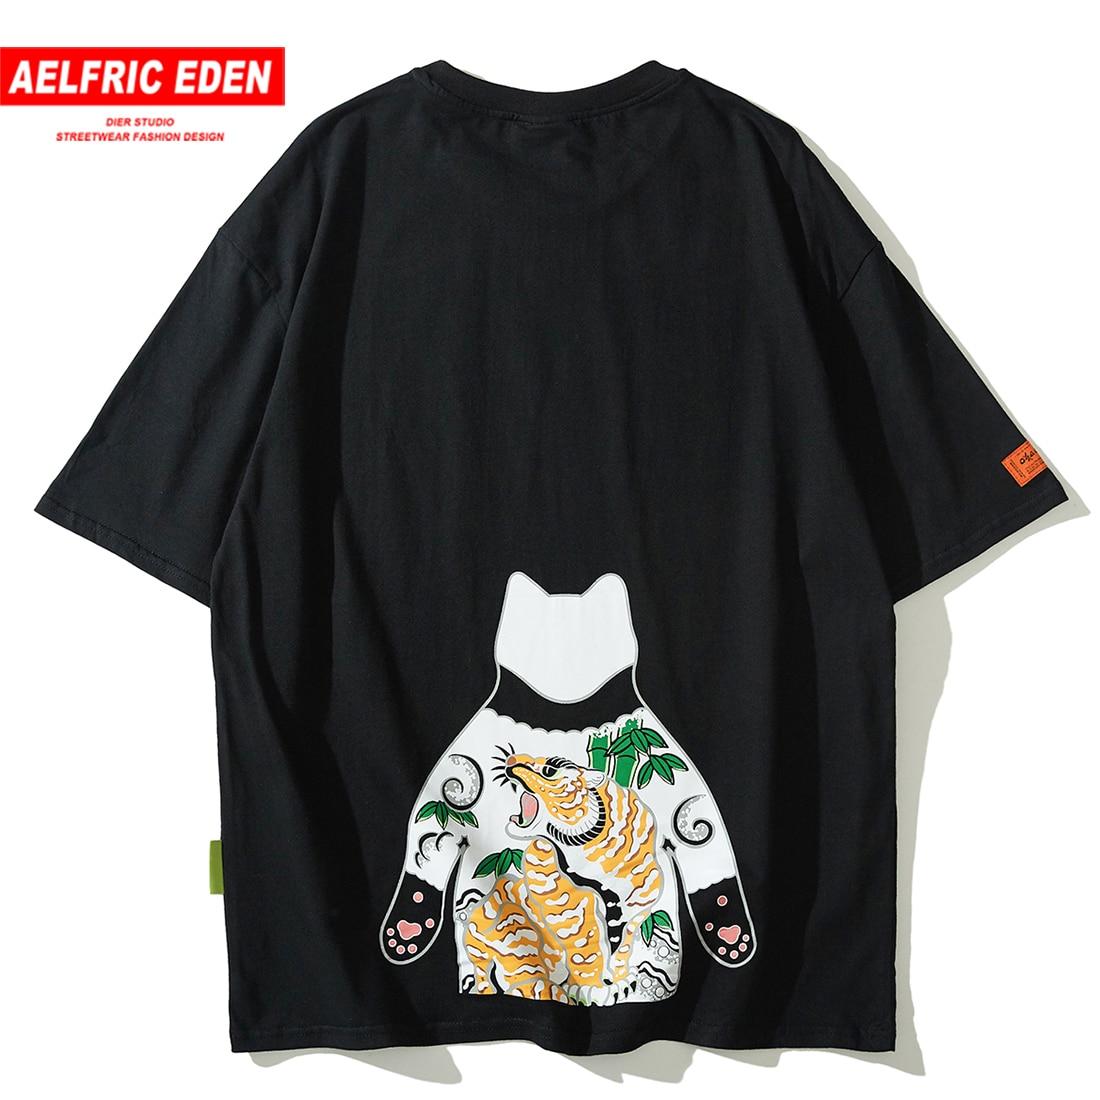 Aelfric Eden divertido japonés Ukiyo-E-estampado de gato camiseta Streetwear hombres Hip Hop Harajuku Tops Tees 2019 Casual camisetas de manga corta